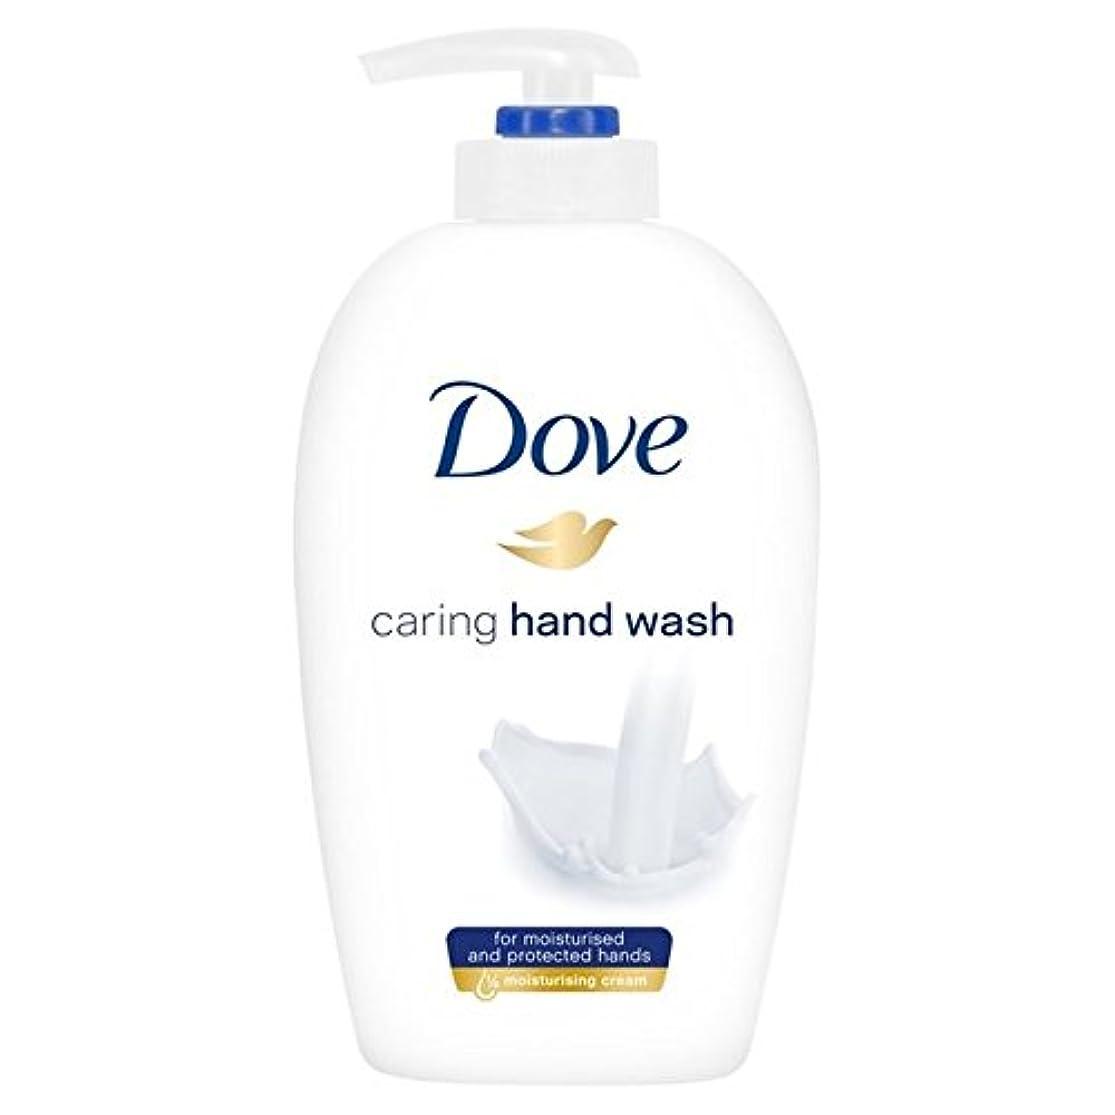 ウガンダ非常に怒っていますタイプライター鳩思いやり手洗い250ミリリットル x4 - Dove Caring Hand Wash 250ml (Pack of 4) [並行輸入品]